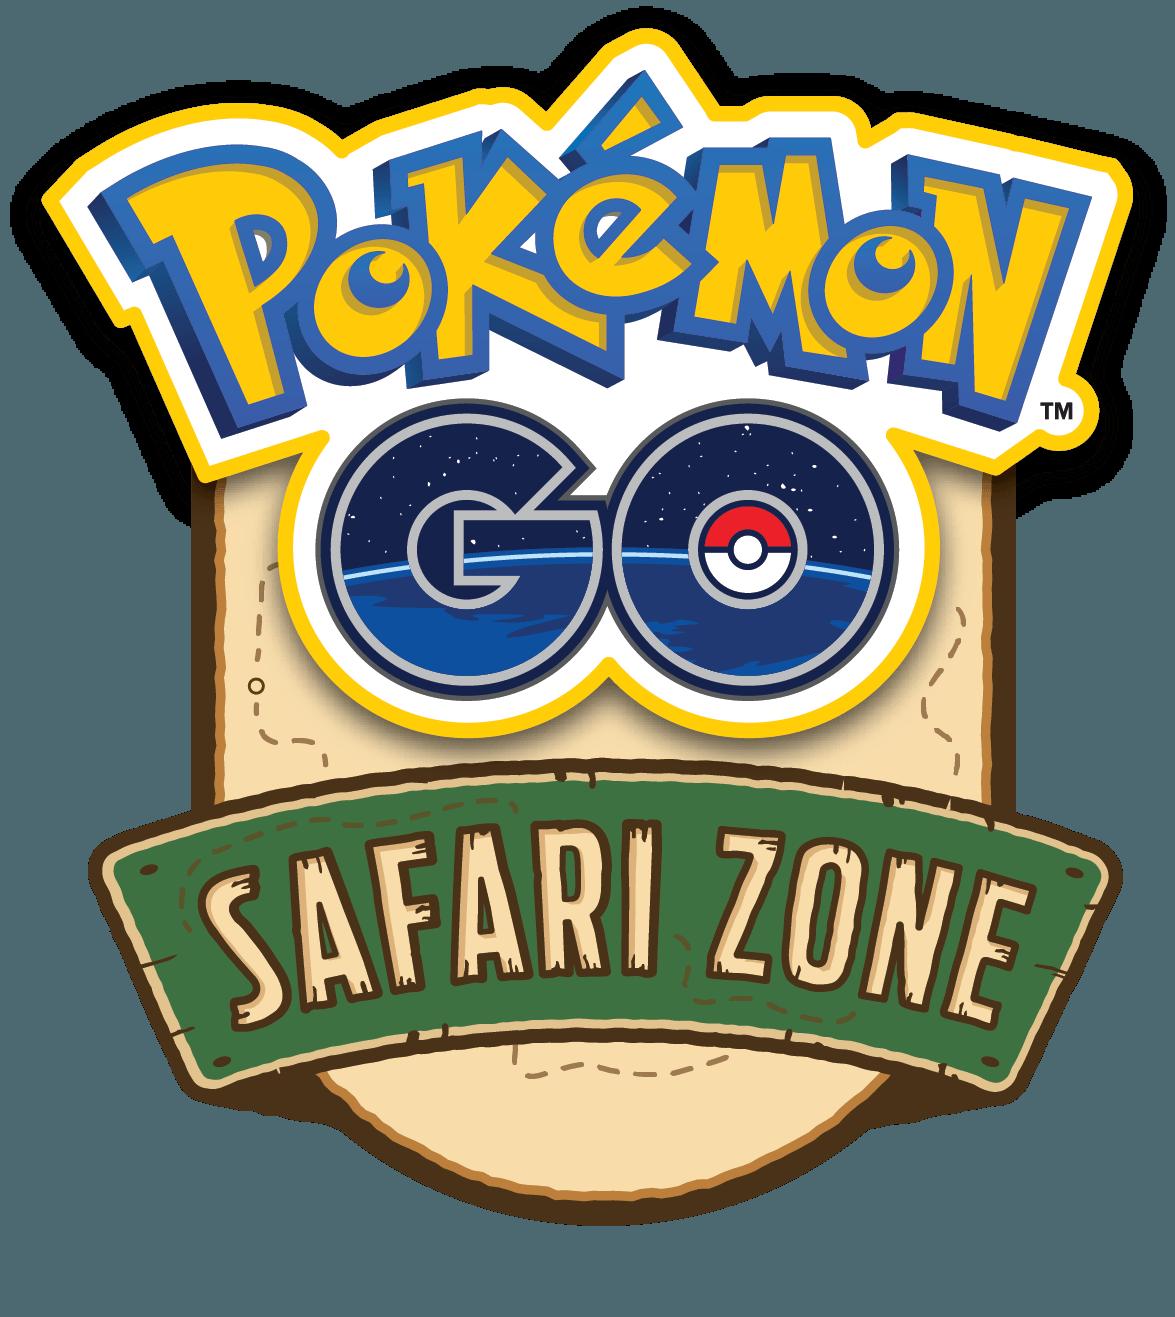 Pokémon GO Safari Zone | Pokémon GO Wiki | FANDOM powered by Wikia